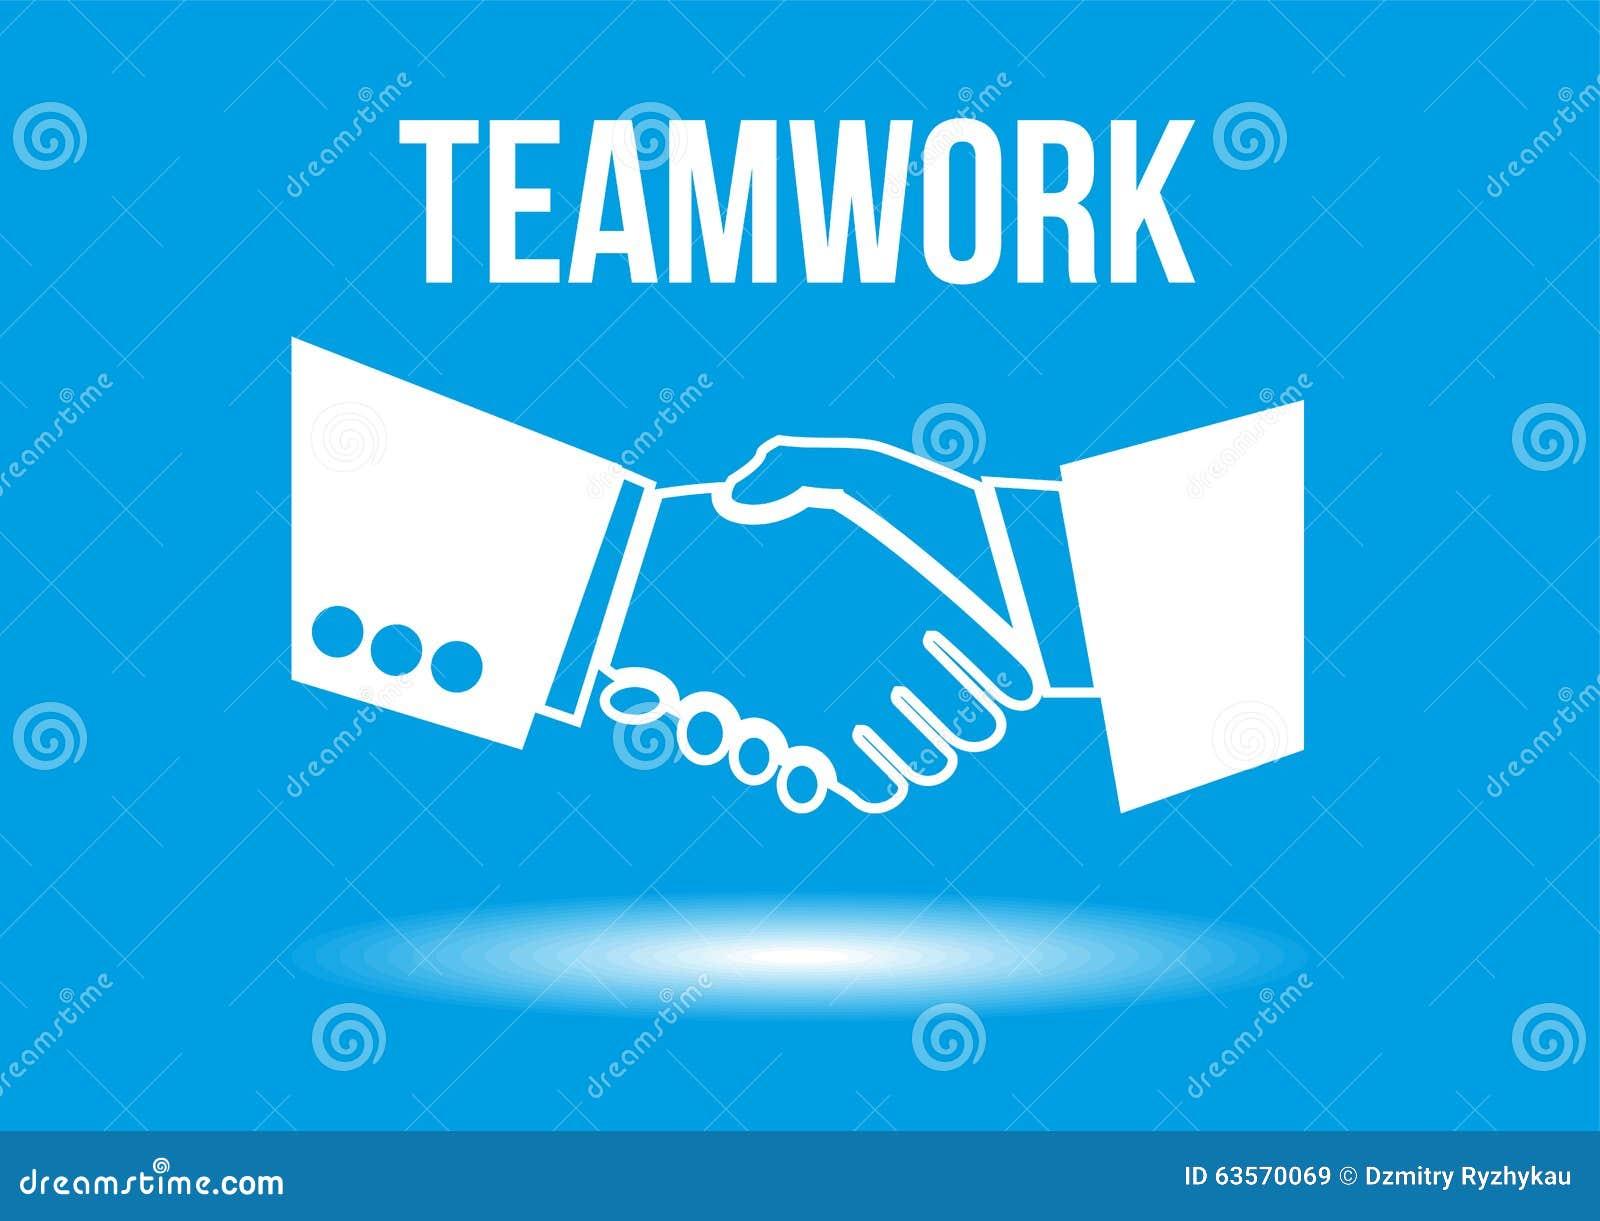 Teamwork Shaking Hands Design Concept Stock Illustration ...